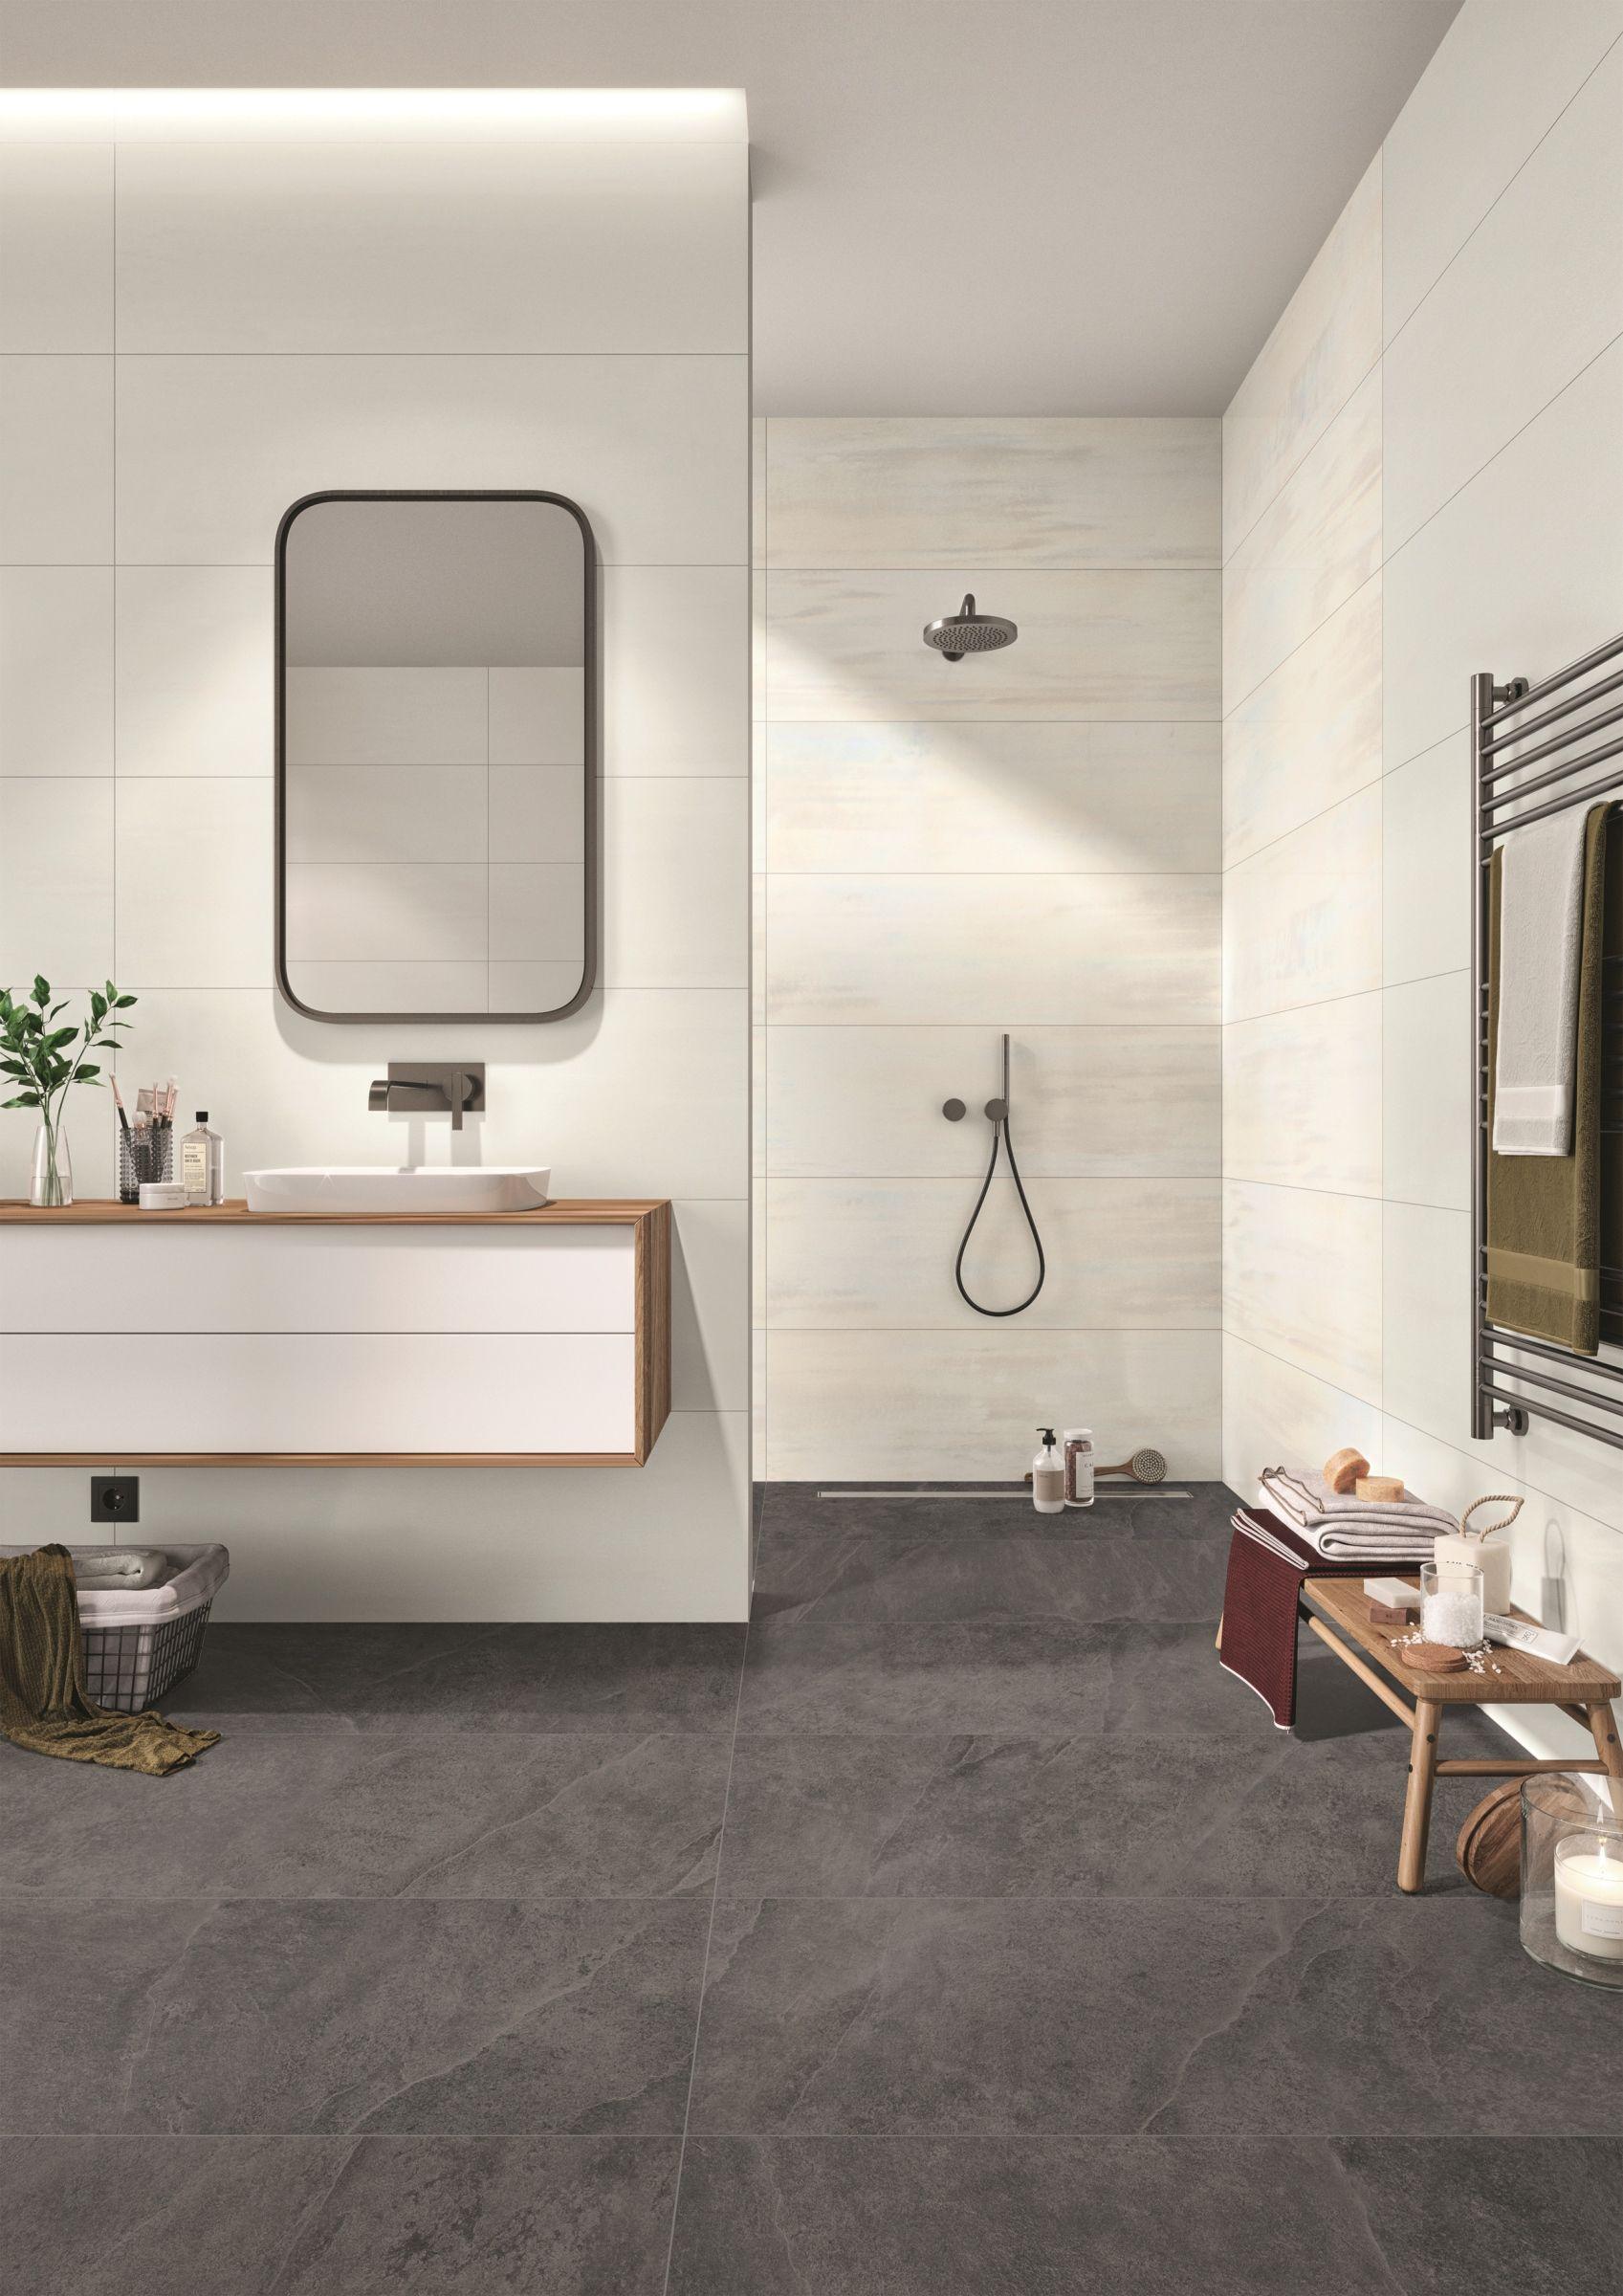 Ein Individueller Bildschoner Kontrast Im Badezimmer Formvollendet Bildschon Wunderschon Bathroom Badezimer Ba Badezimmer Bodenfliesen Bad Raumgestaltung